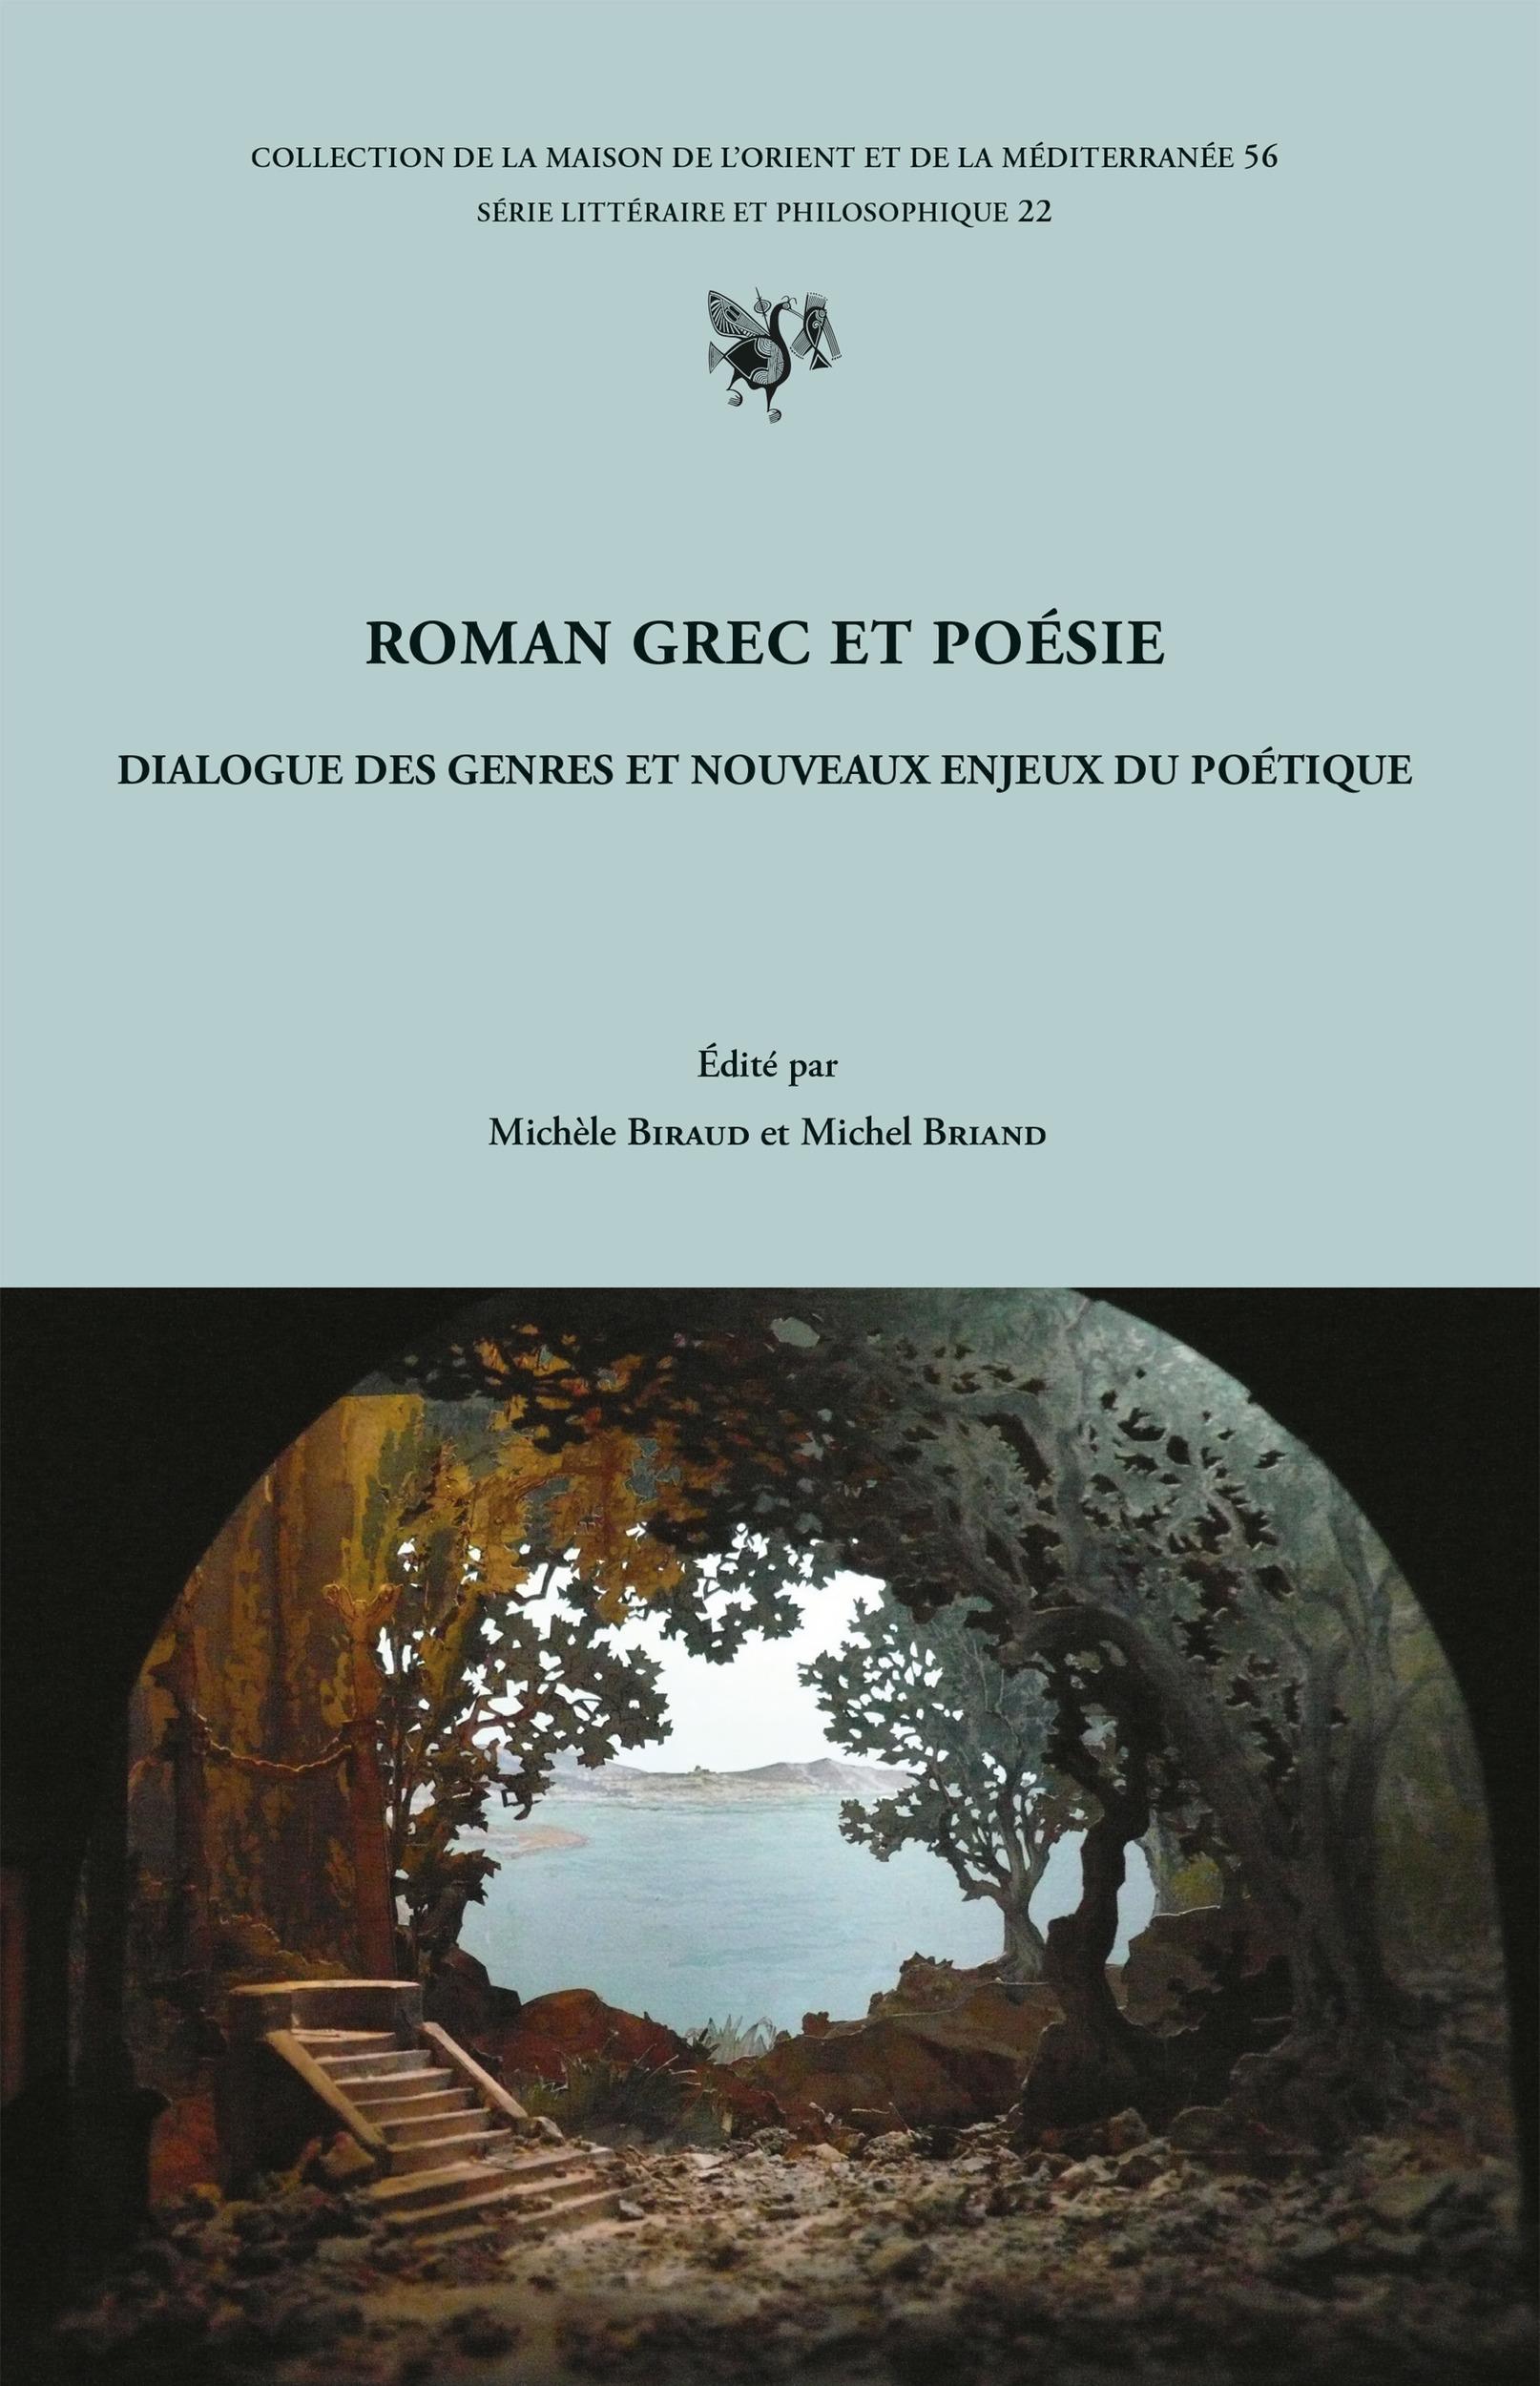 Roman grec et poesie. dialogue des genres et nouveaux enjeux du poetique. colloque international